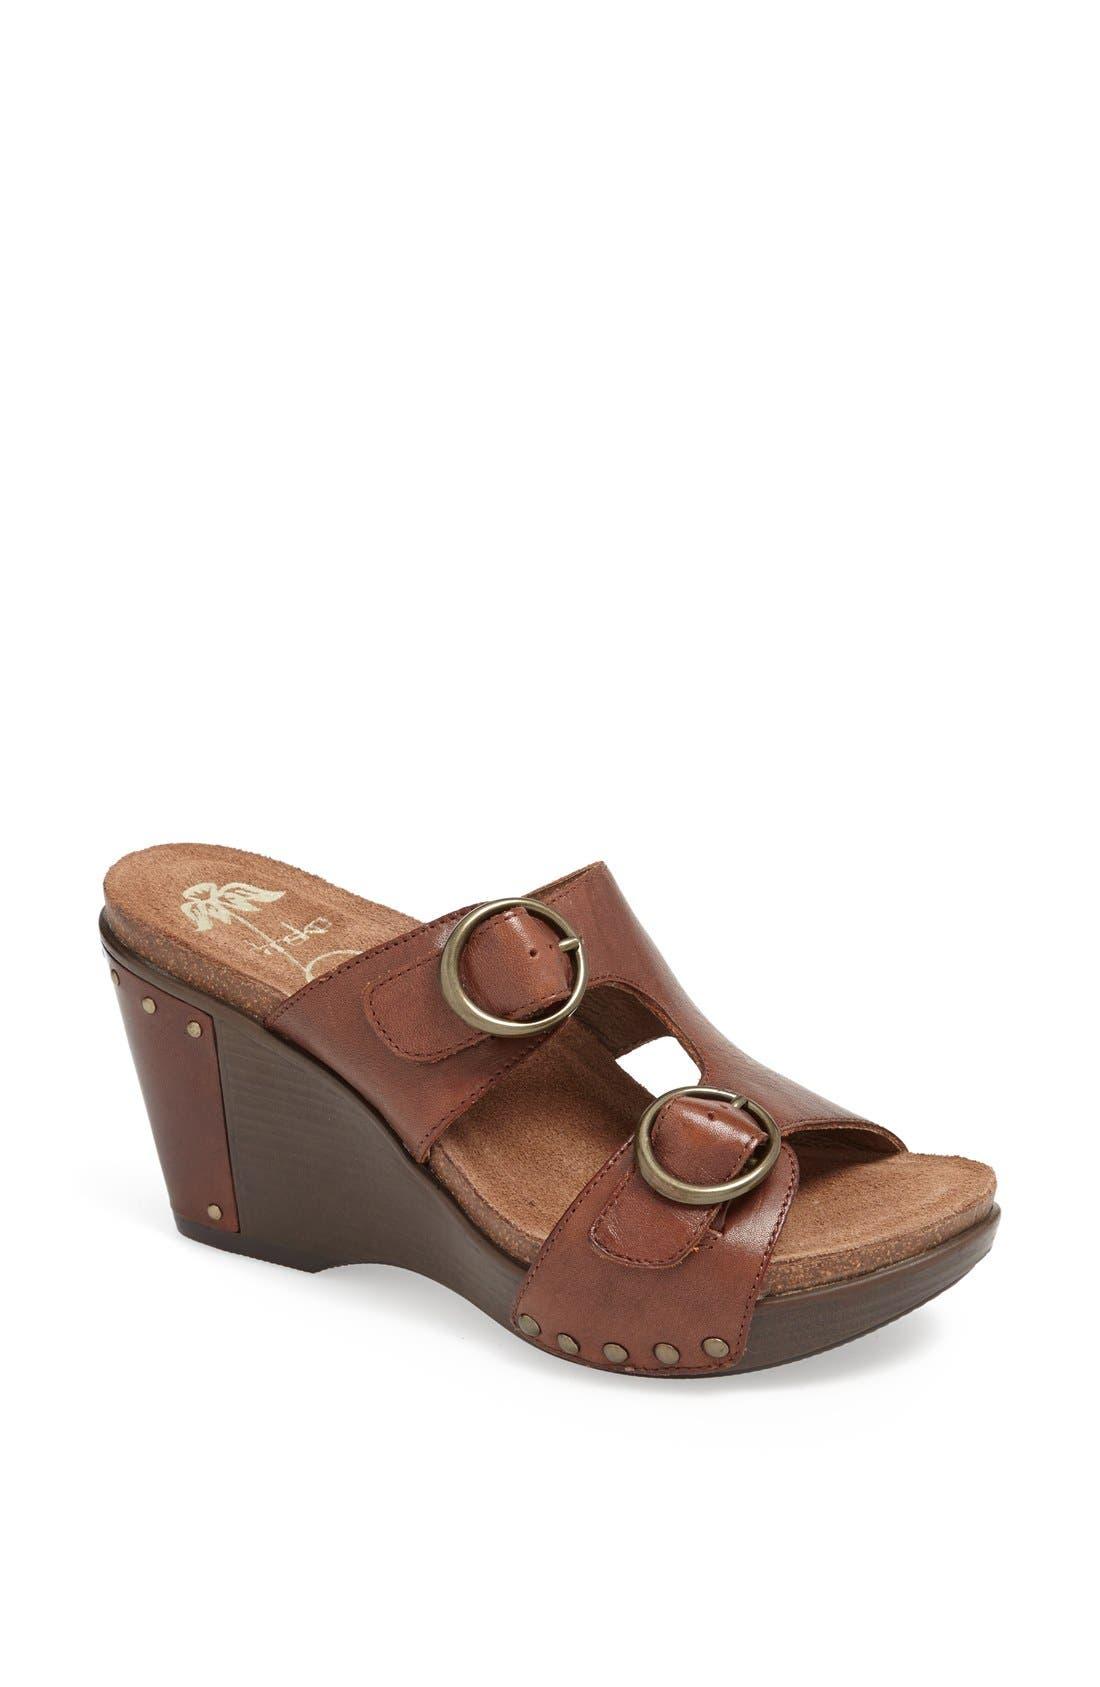 Alternate Image 1 Selected - Dansko 'Fern' Sandal